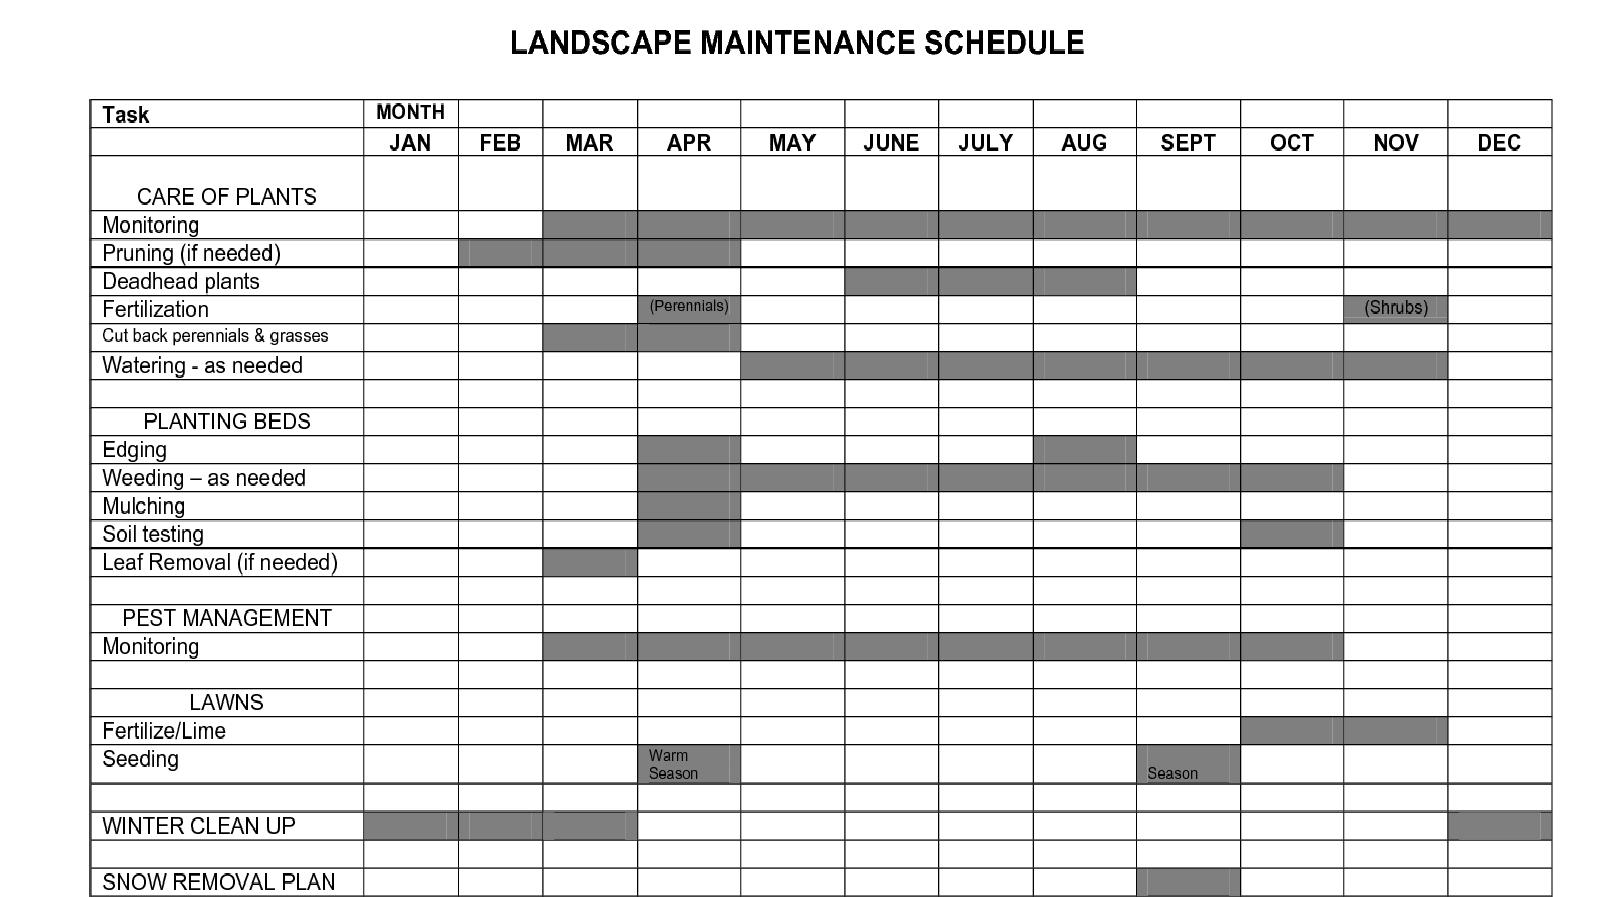 Garden Maintenance Plan Template Of Landscape Maintenance